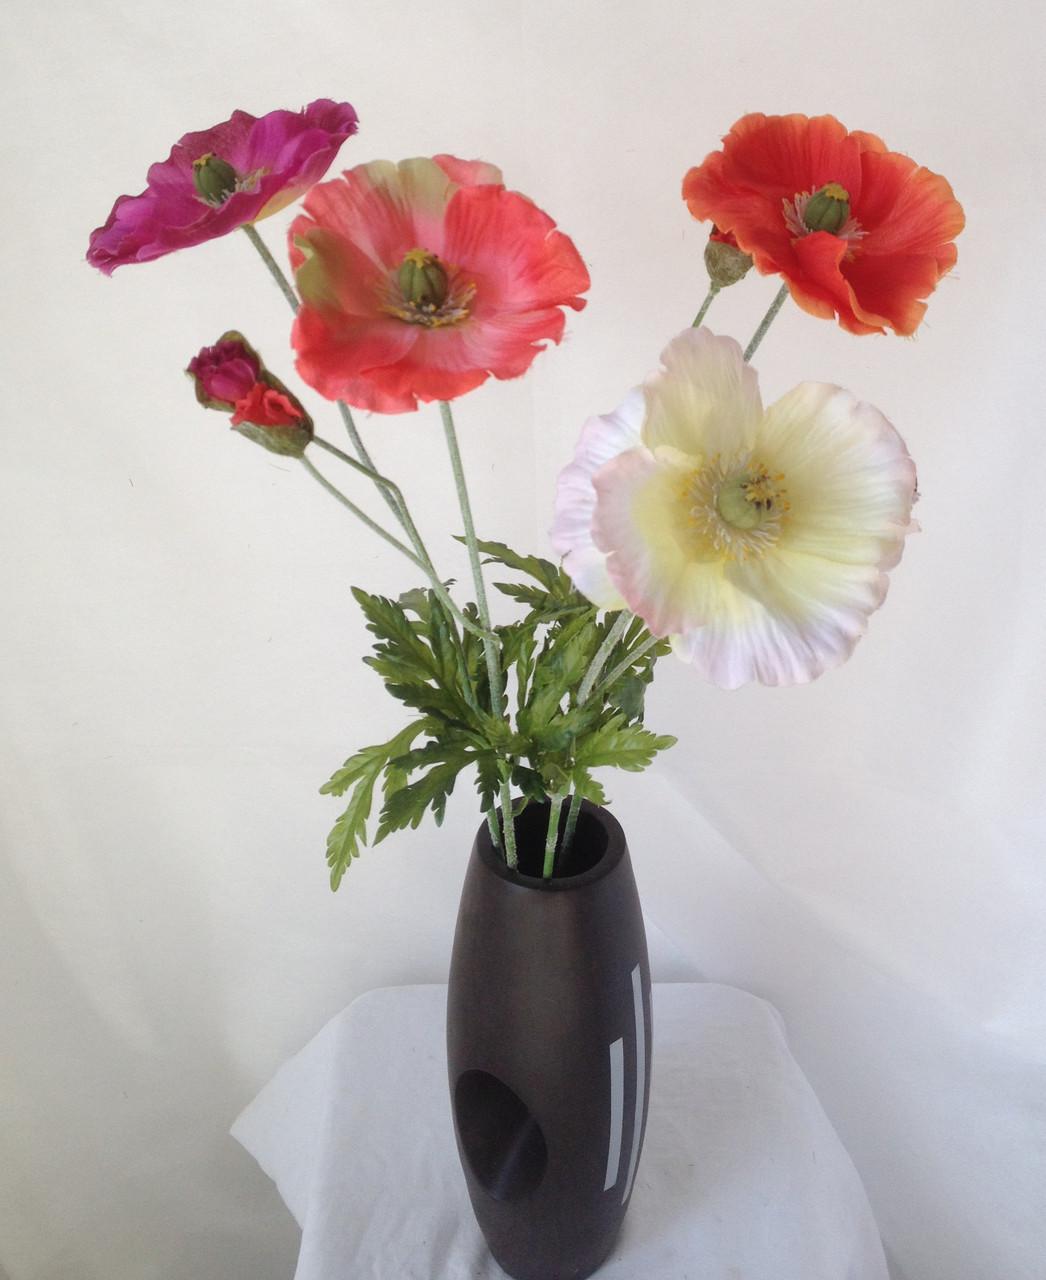 Искусственный мак ветка 1 цветок и бутон,